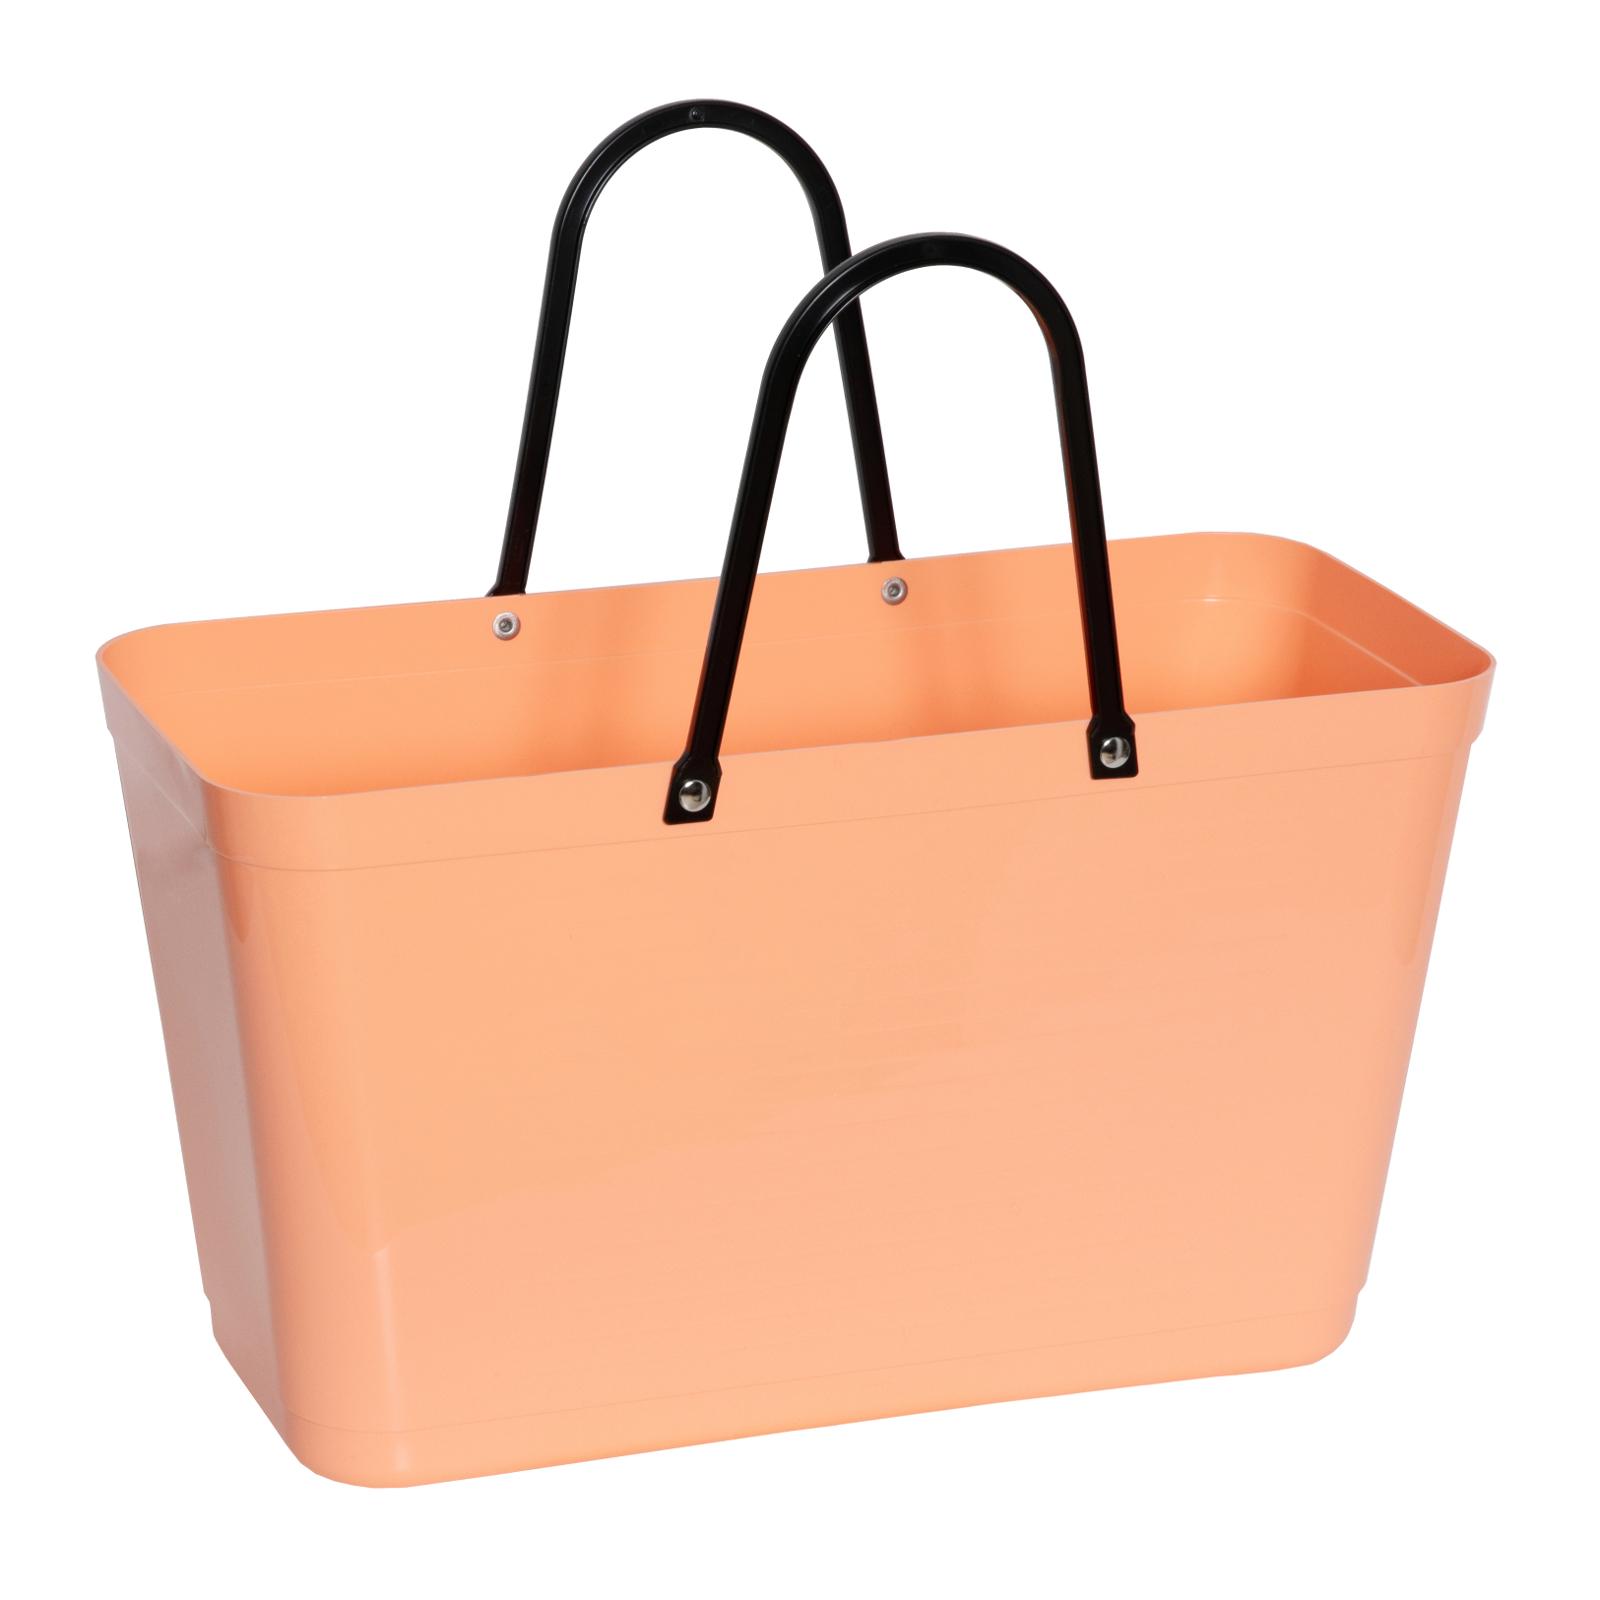 väska i plast med handtag